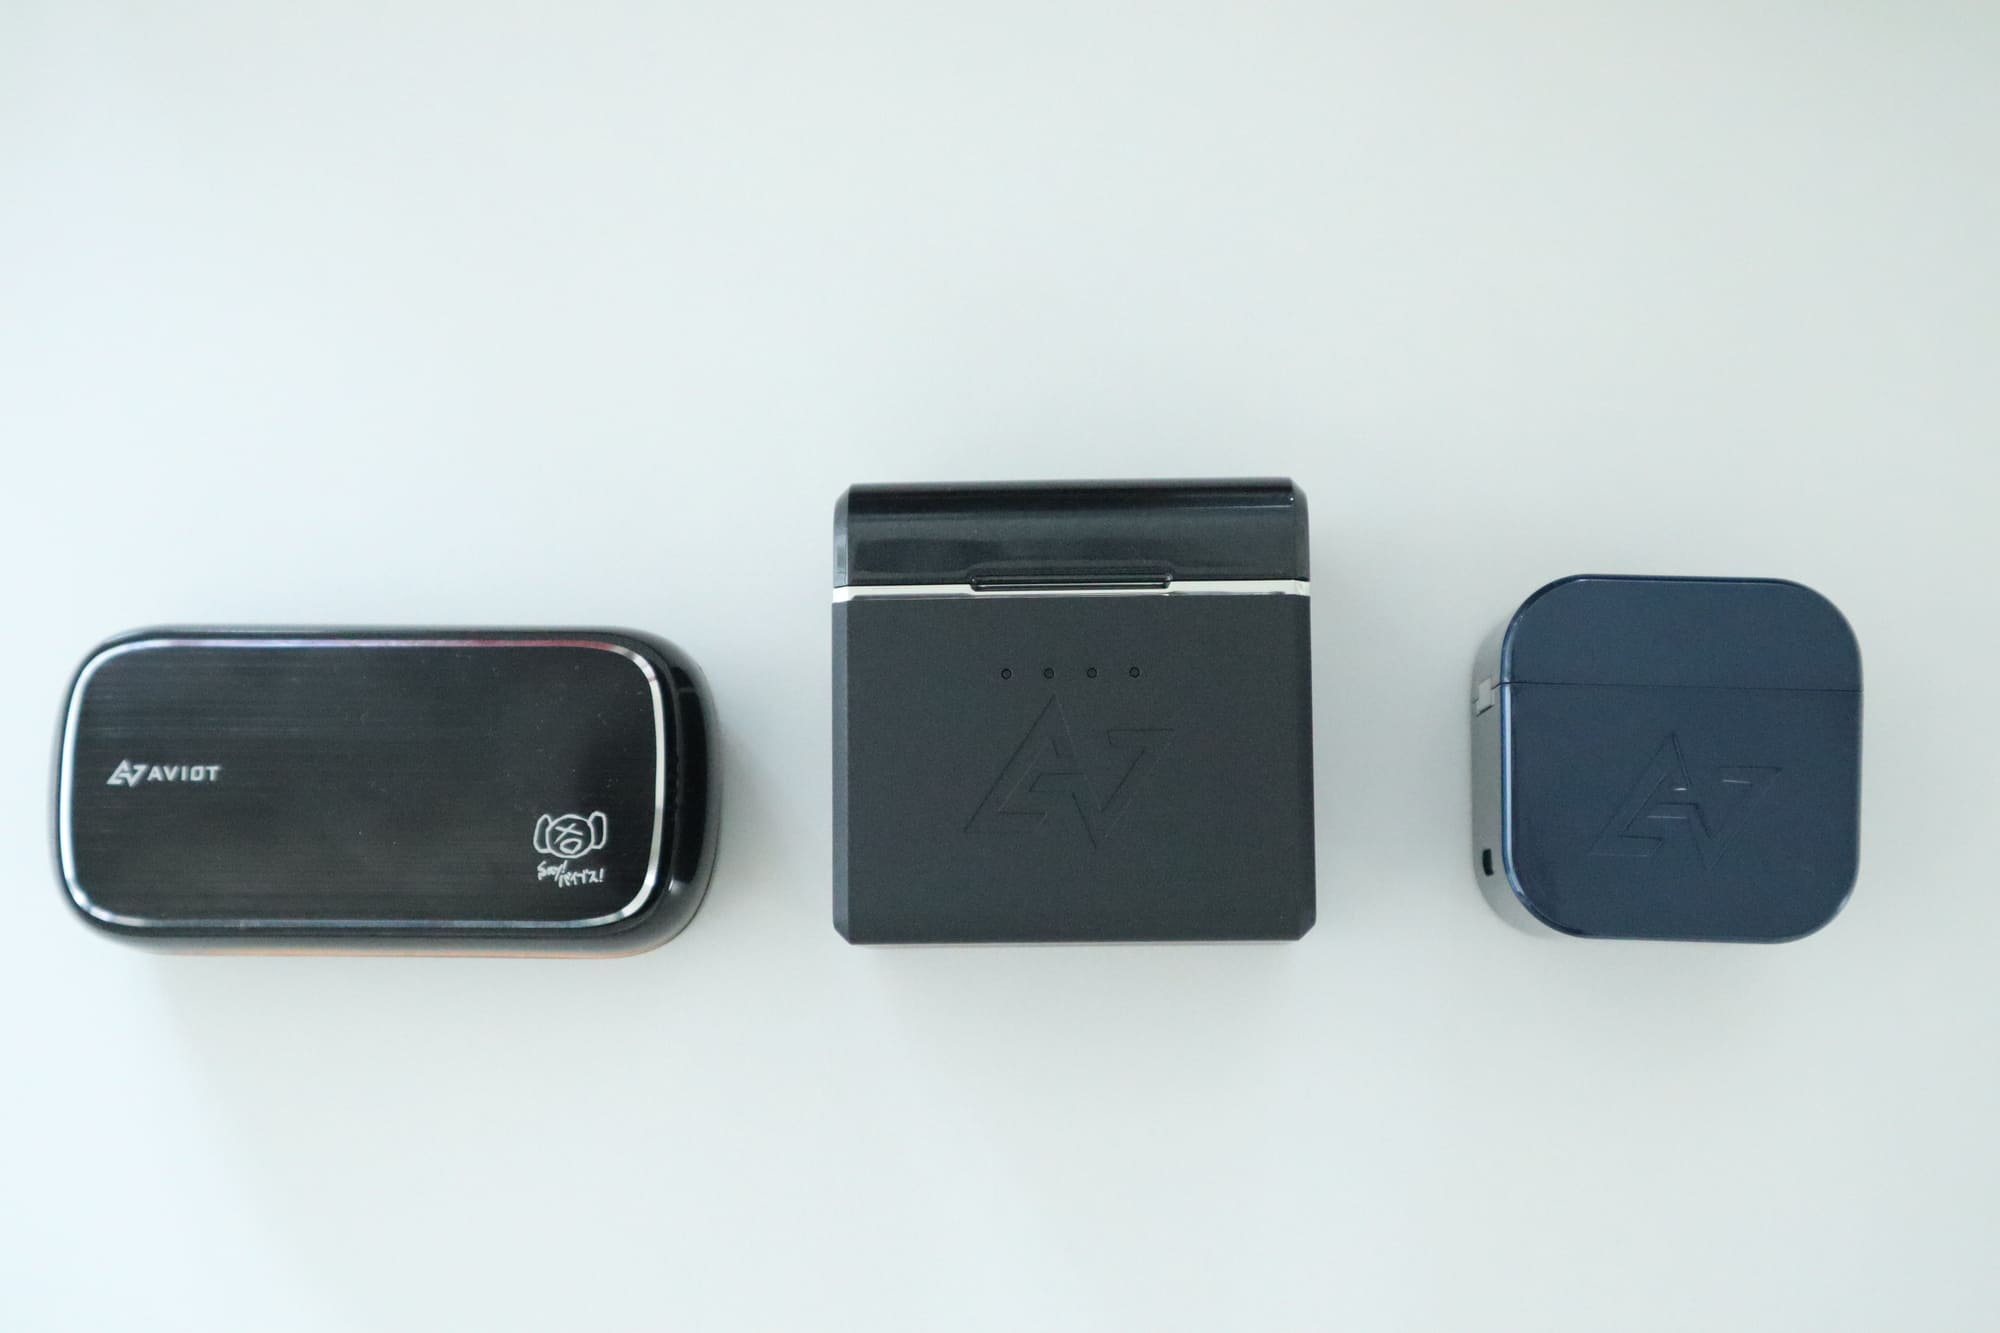 TE-D01gとTE-BD21f-pnk(ピヤホン)とTE-D01d mk2のケースの大きさ比較